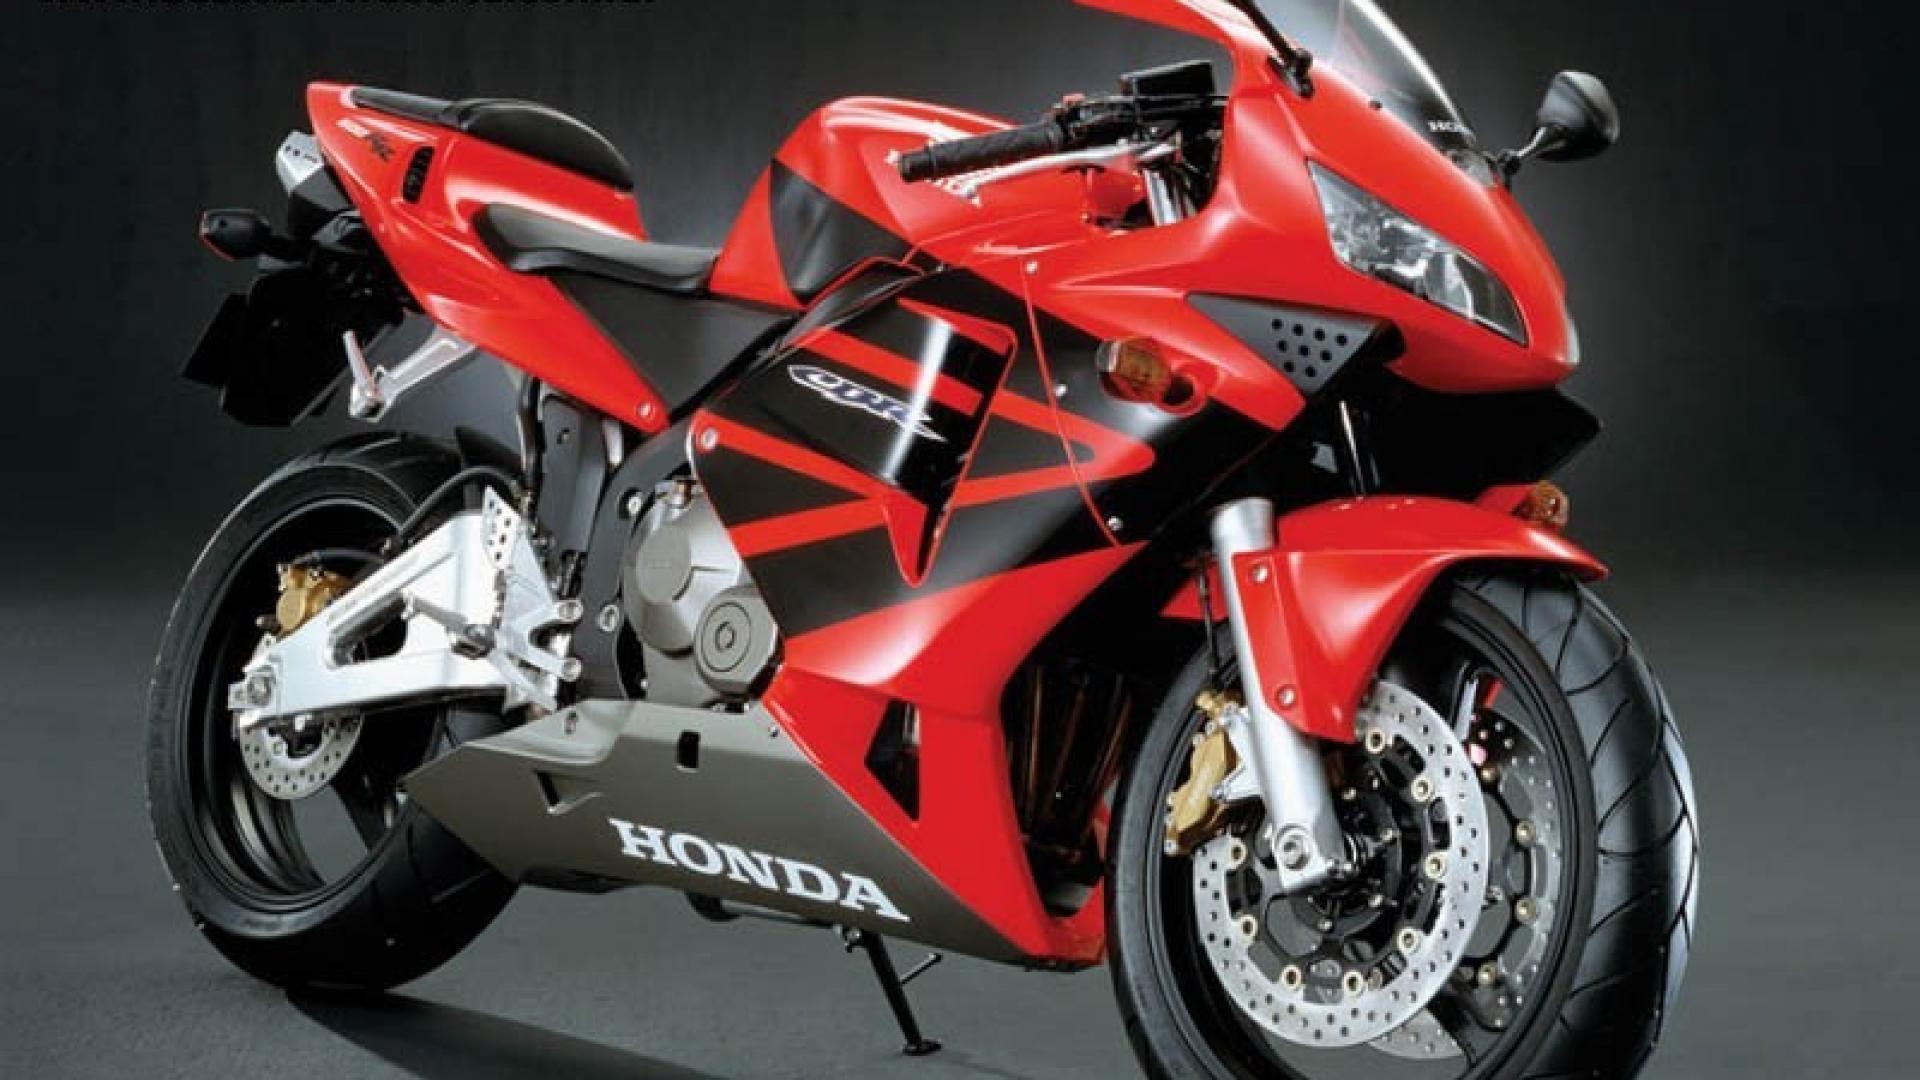 Bon Honda Motorbikes Cbr Cbr600rr 600 Wallpaper | (119445)